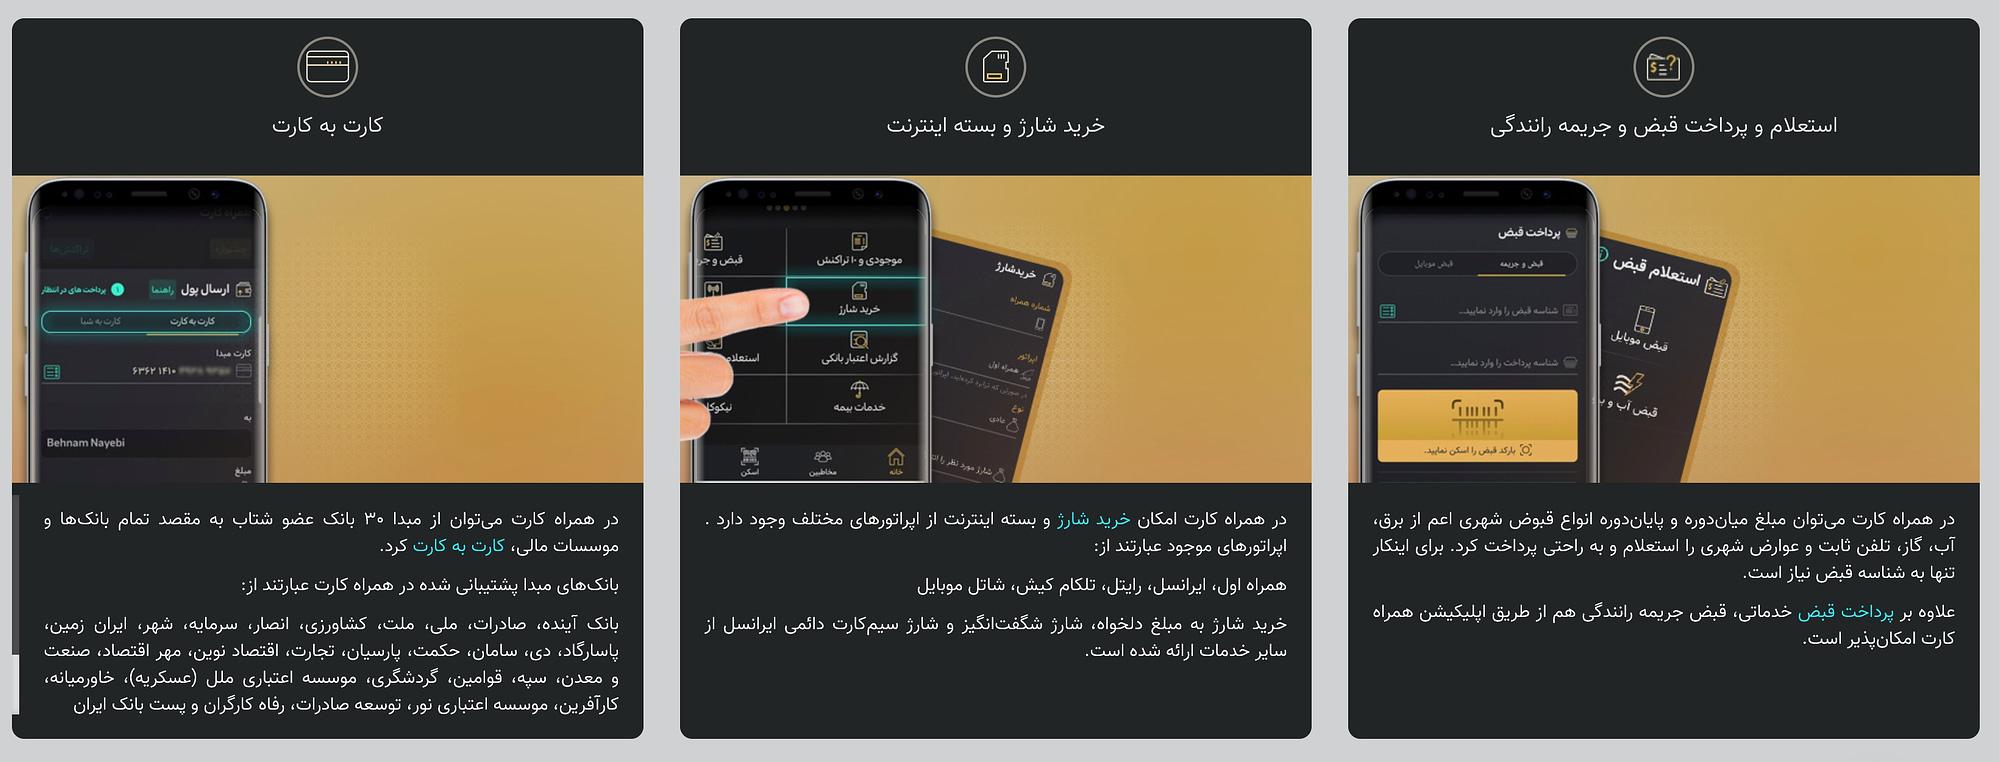 انجام کارهای بانکی با موبایل از طریق اپلیکیشن همراه بانک در زمان شیوع اپیدمی #کرونا 9